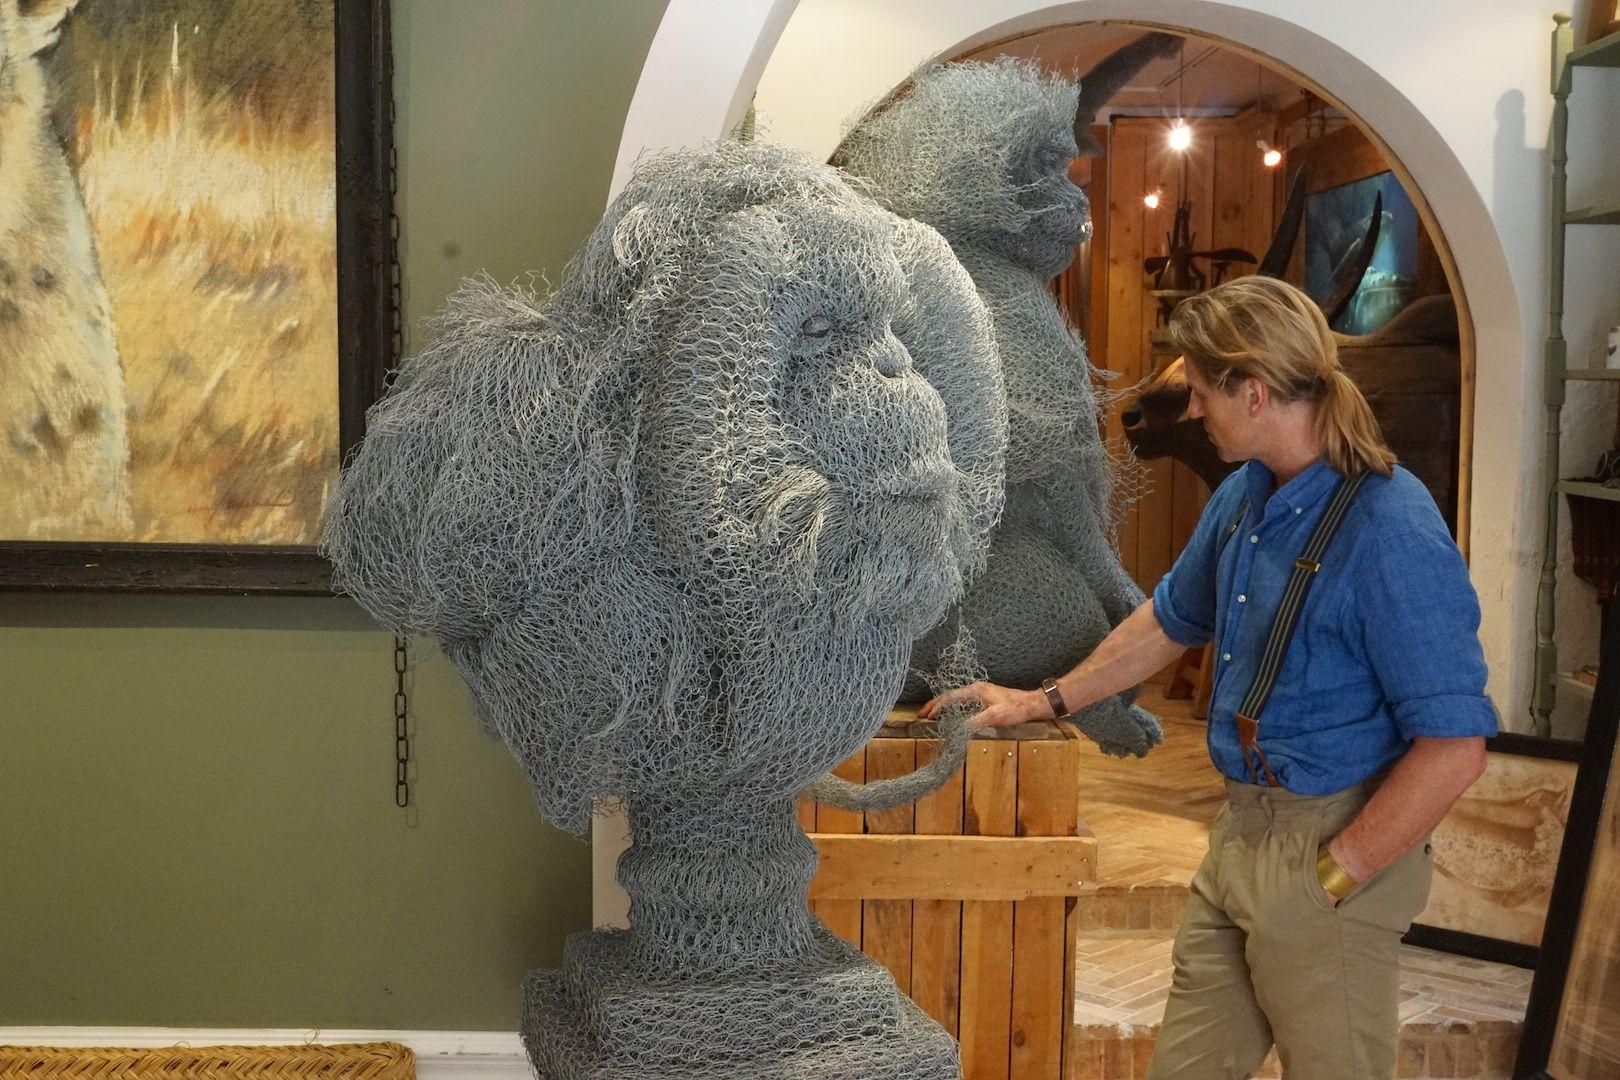 Buste en grillage, Orang Outan, sculpture, Aurélien Raynaud, peintre sculpteur animalier